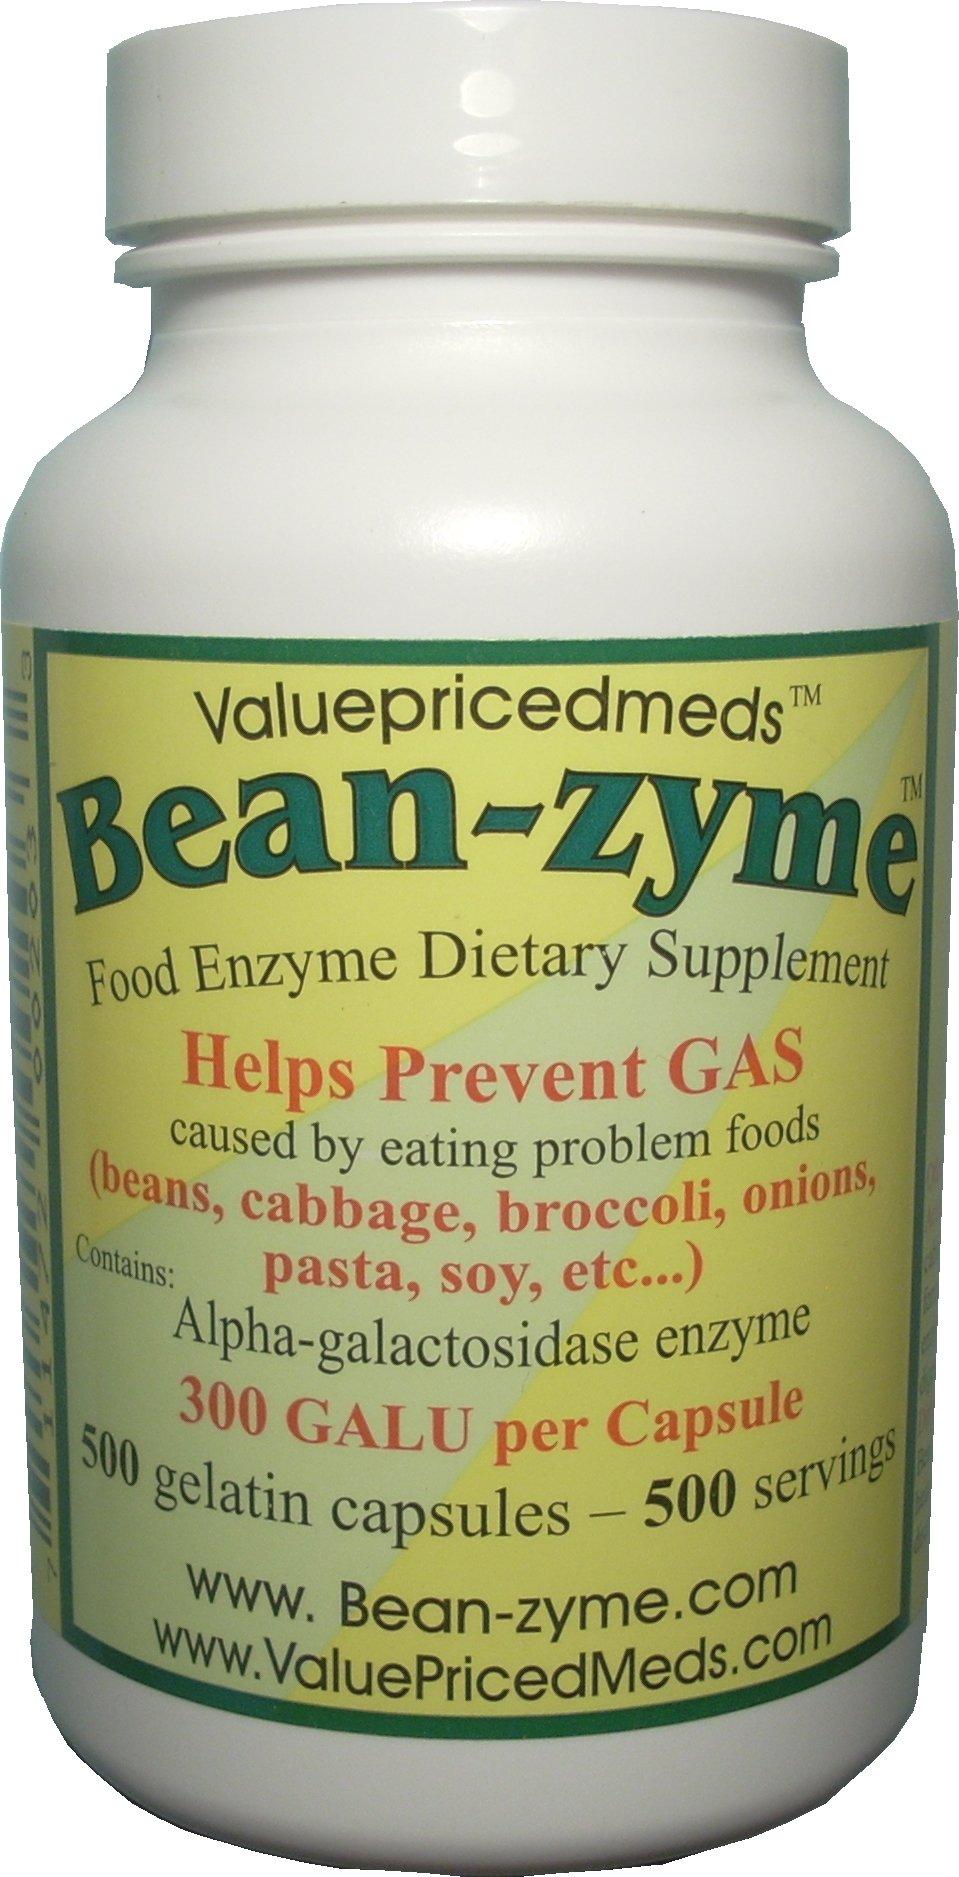 500 ct Bean-zyme anti-gas 300 GALU/cap vs Beano 150 GALU/tab